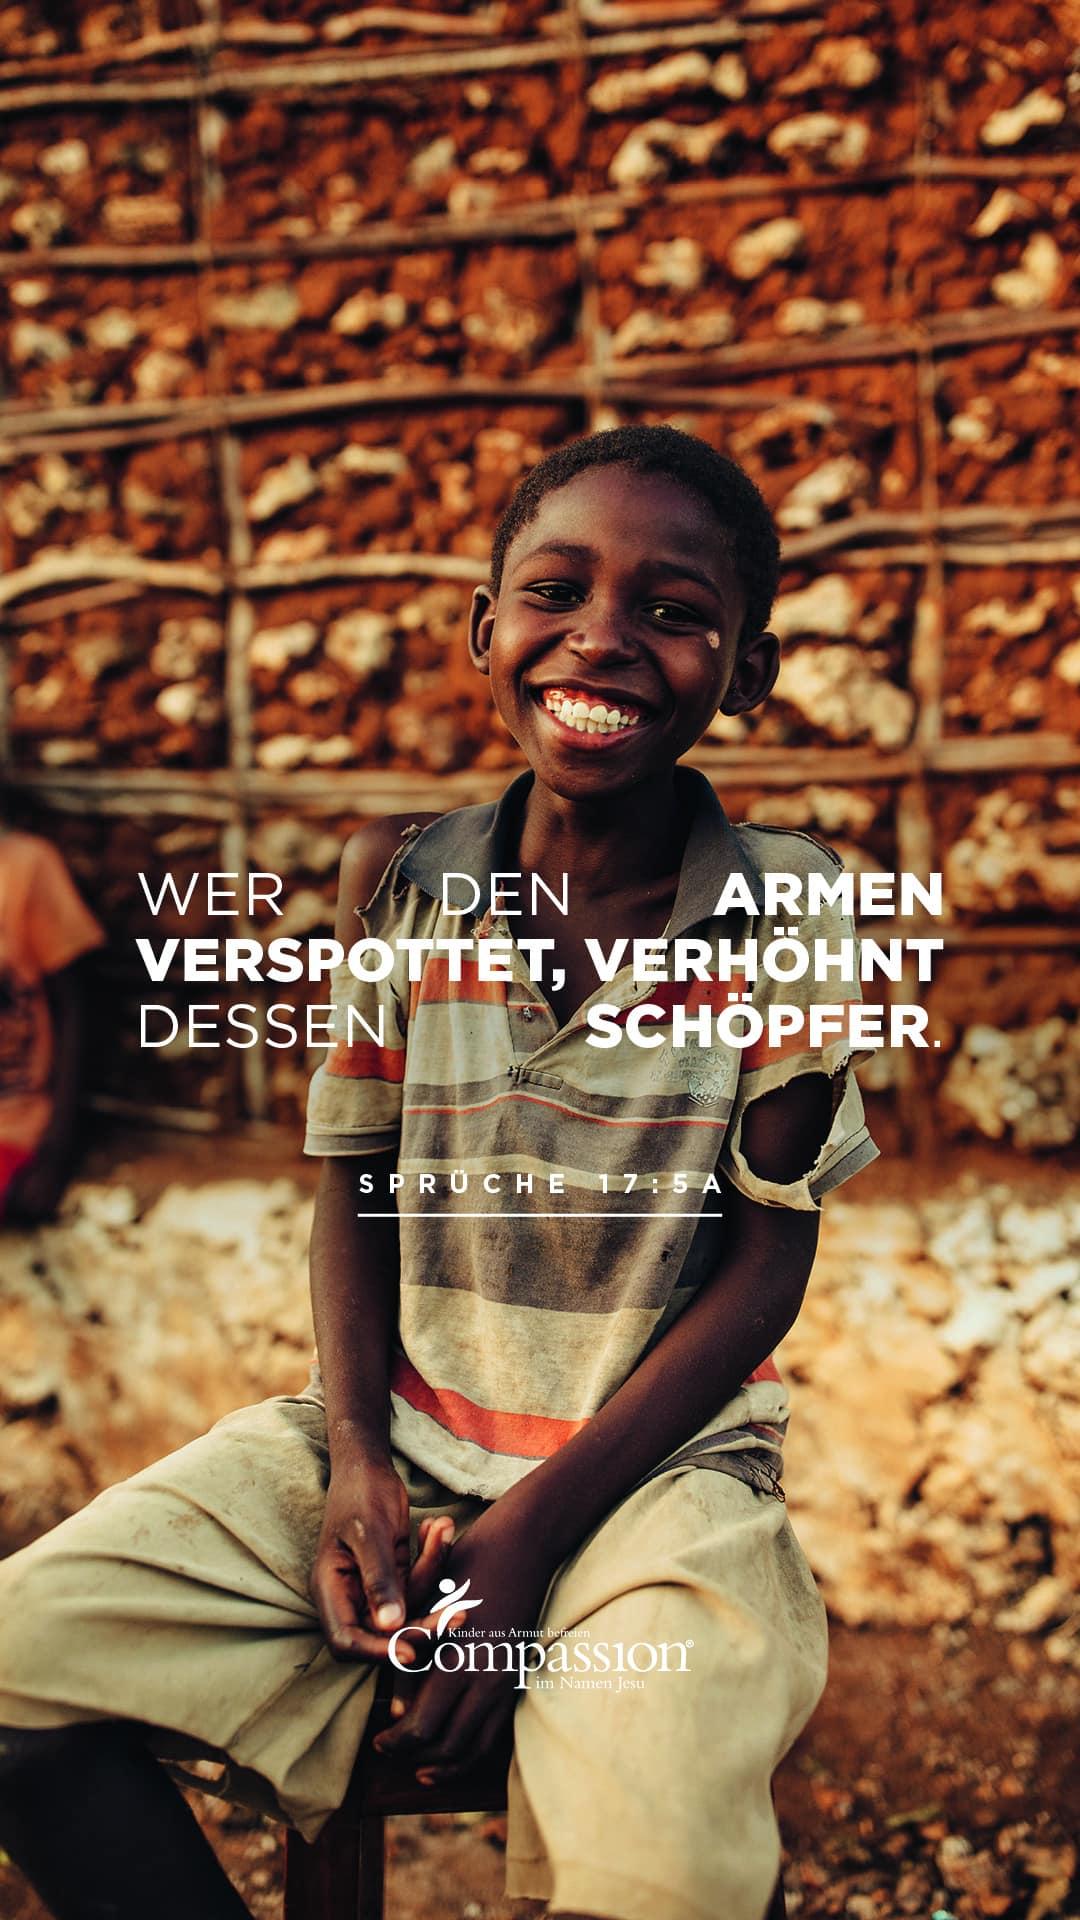 """alt=""""Sprüche_17_5a_Wallpaper_Compassion_Deutschland"""""""